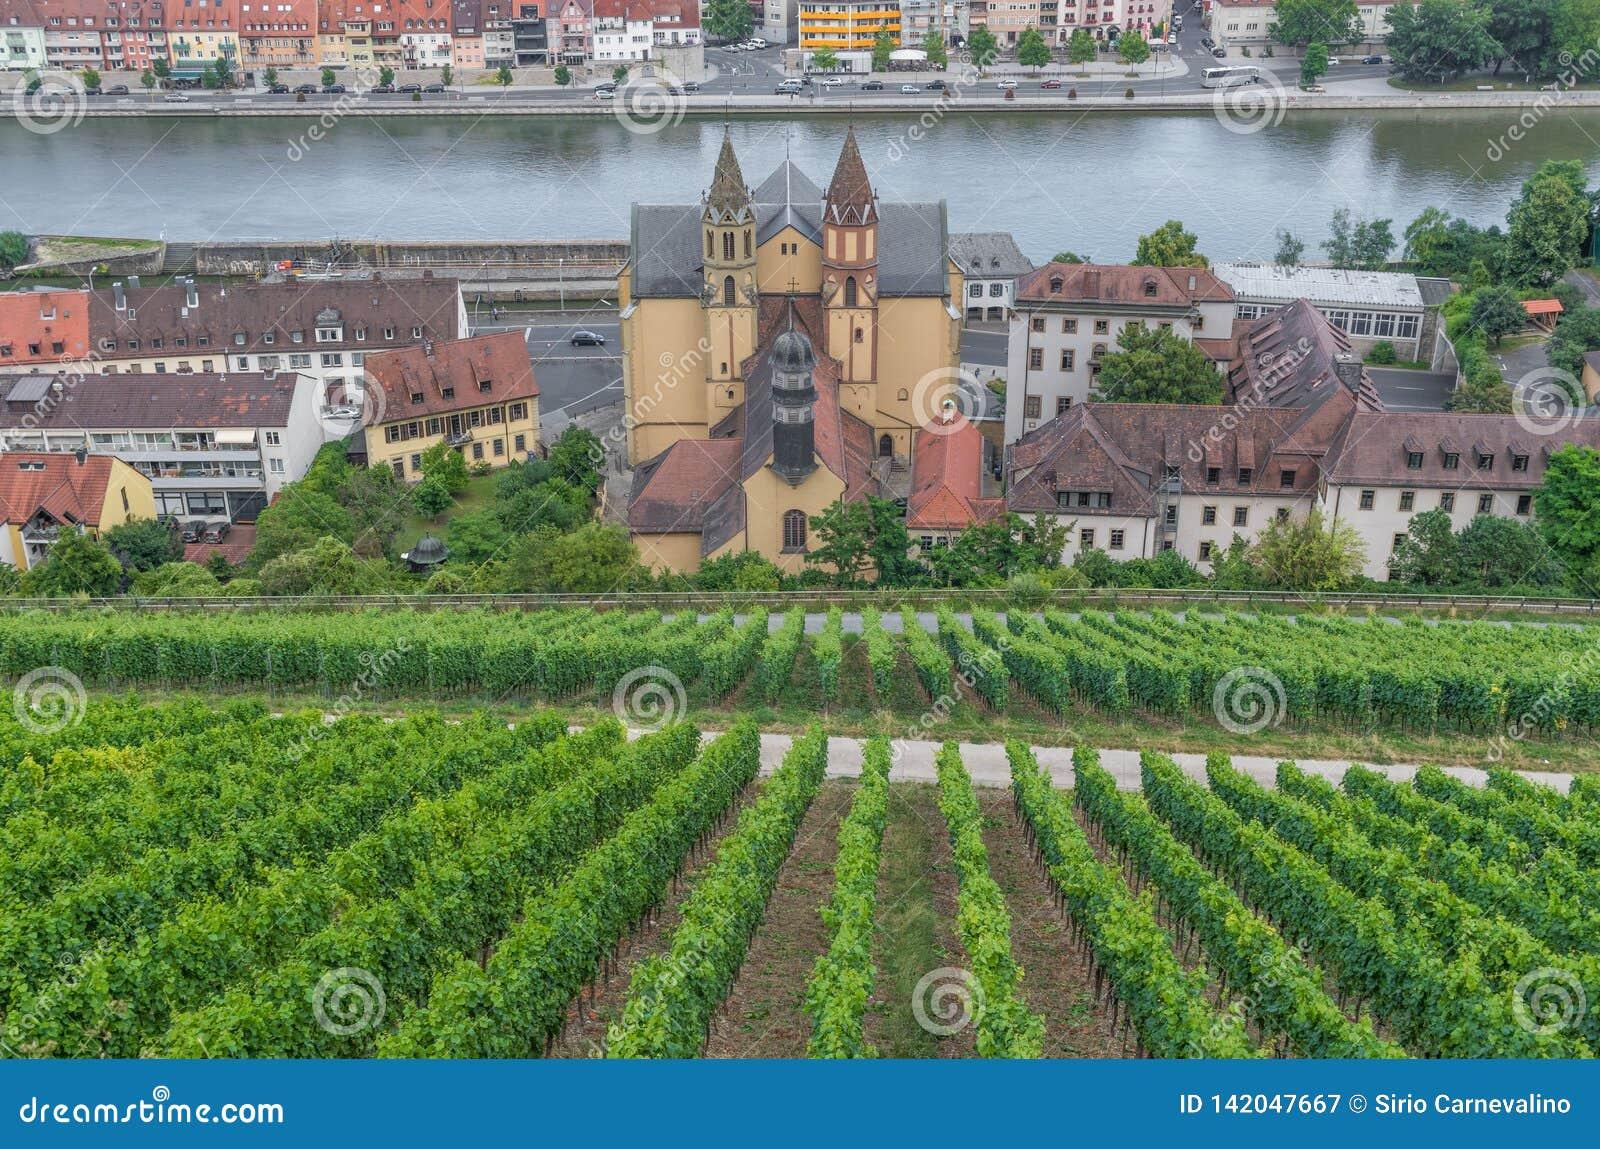 Vieille ville de Wurtzbourg, un site de patrimoine mondial de l UNESCO